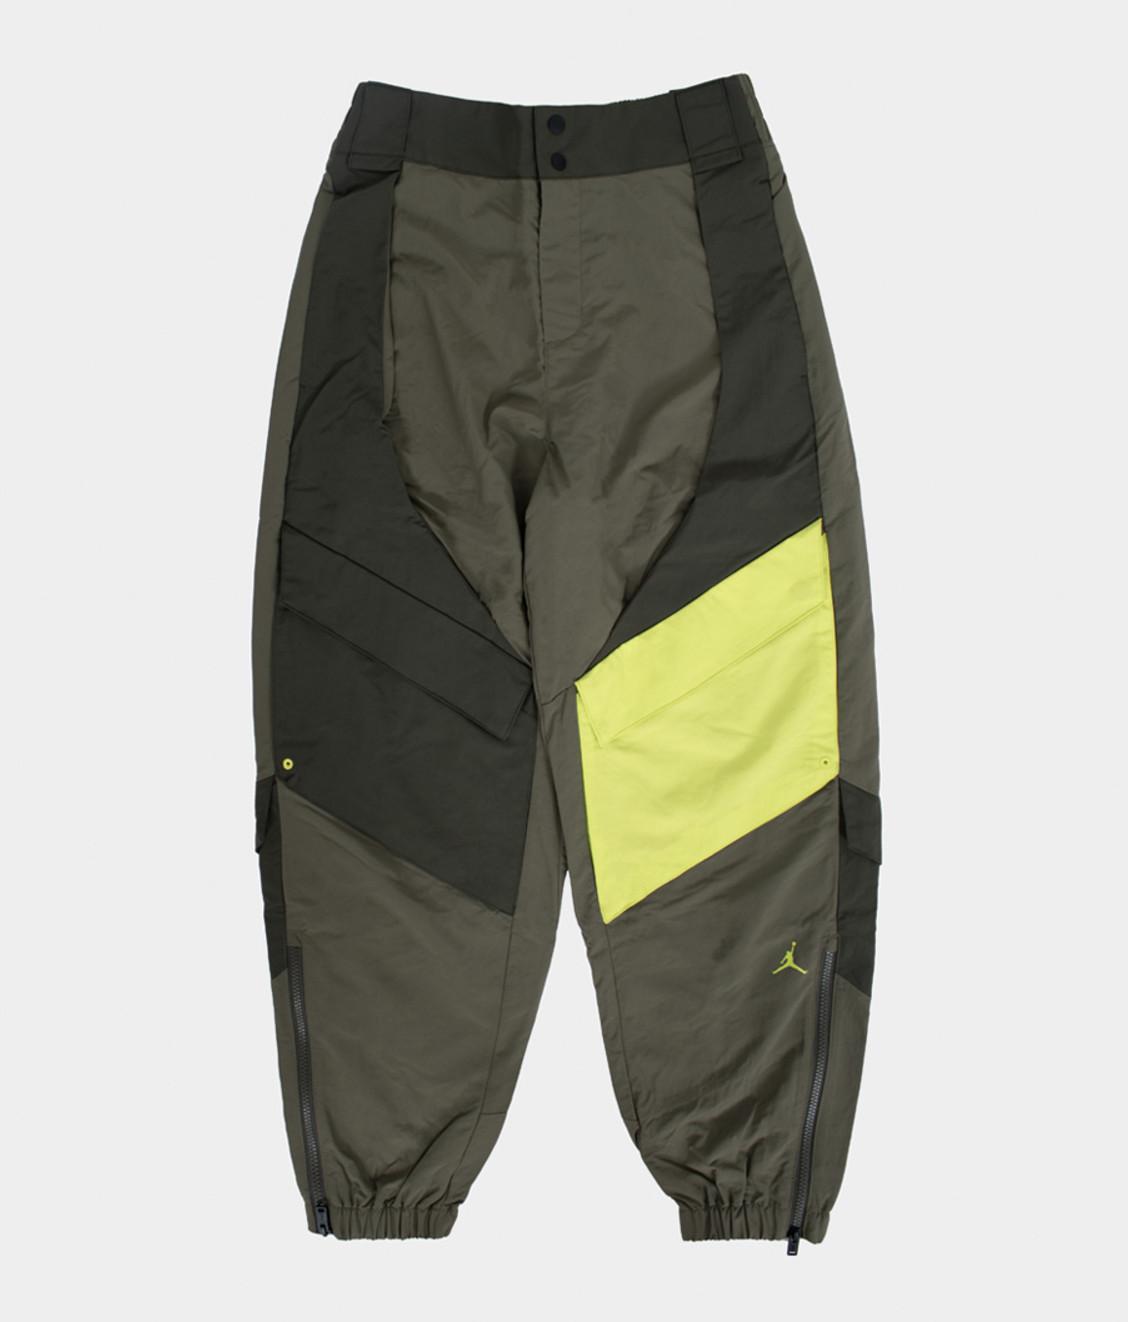 Nike Jordan Utility Pant Olive